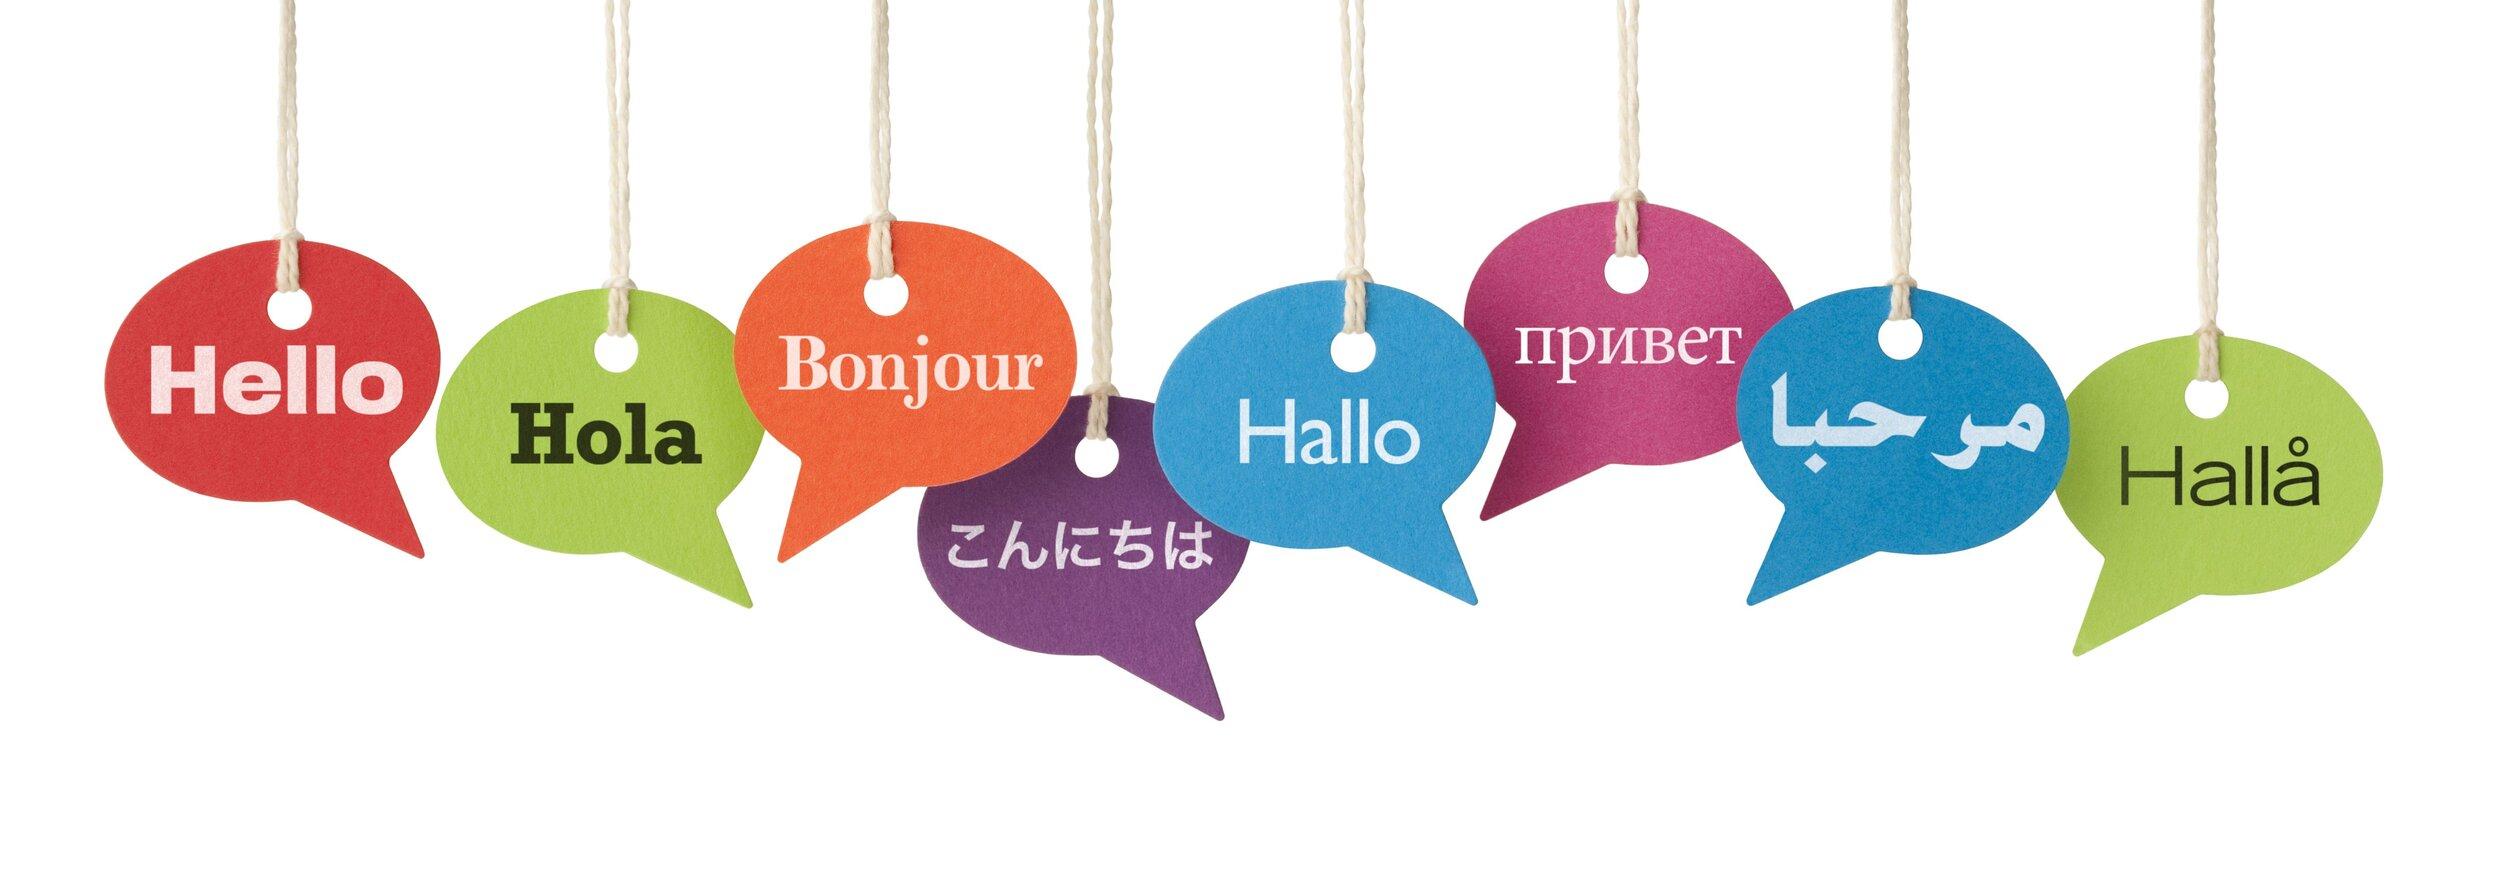 hello-in-eight-different-languages-185250085-5941fb8c3df78c537b32ecac.jpg